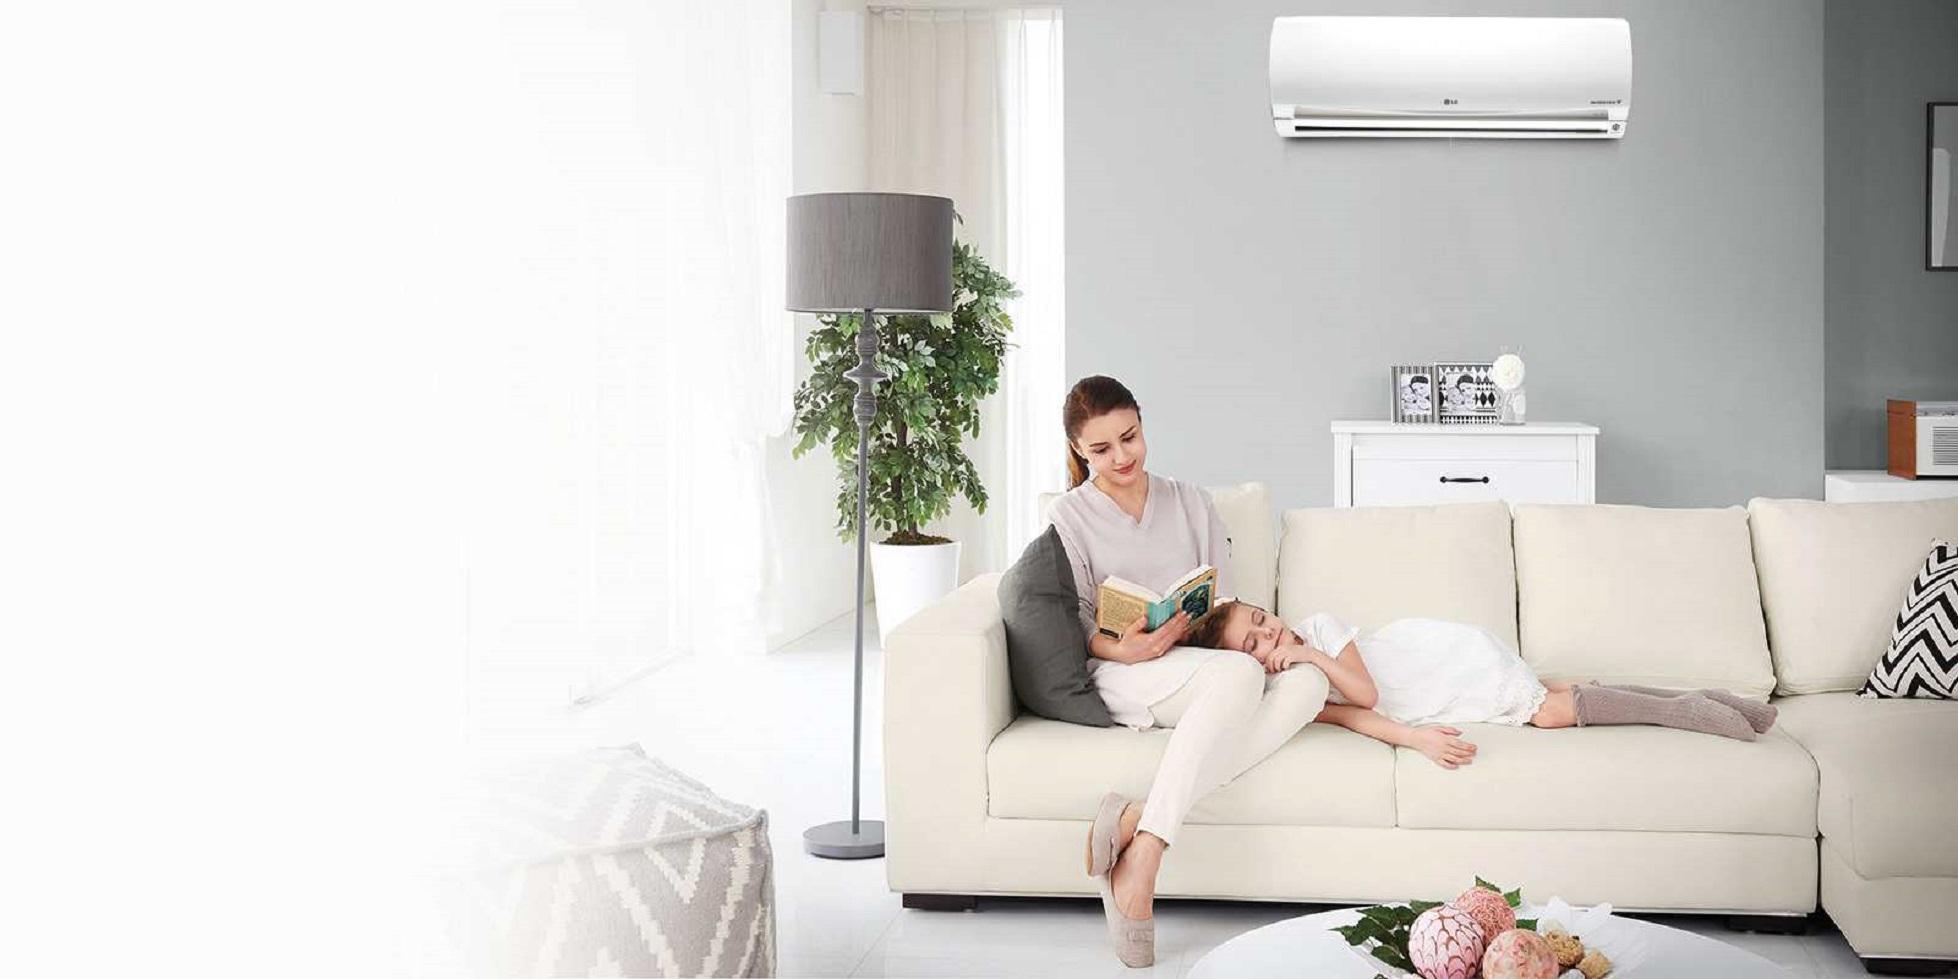 Ολοκληρωμένες λύσεις οικιακού και επαγγελματικού κλιματισμού